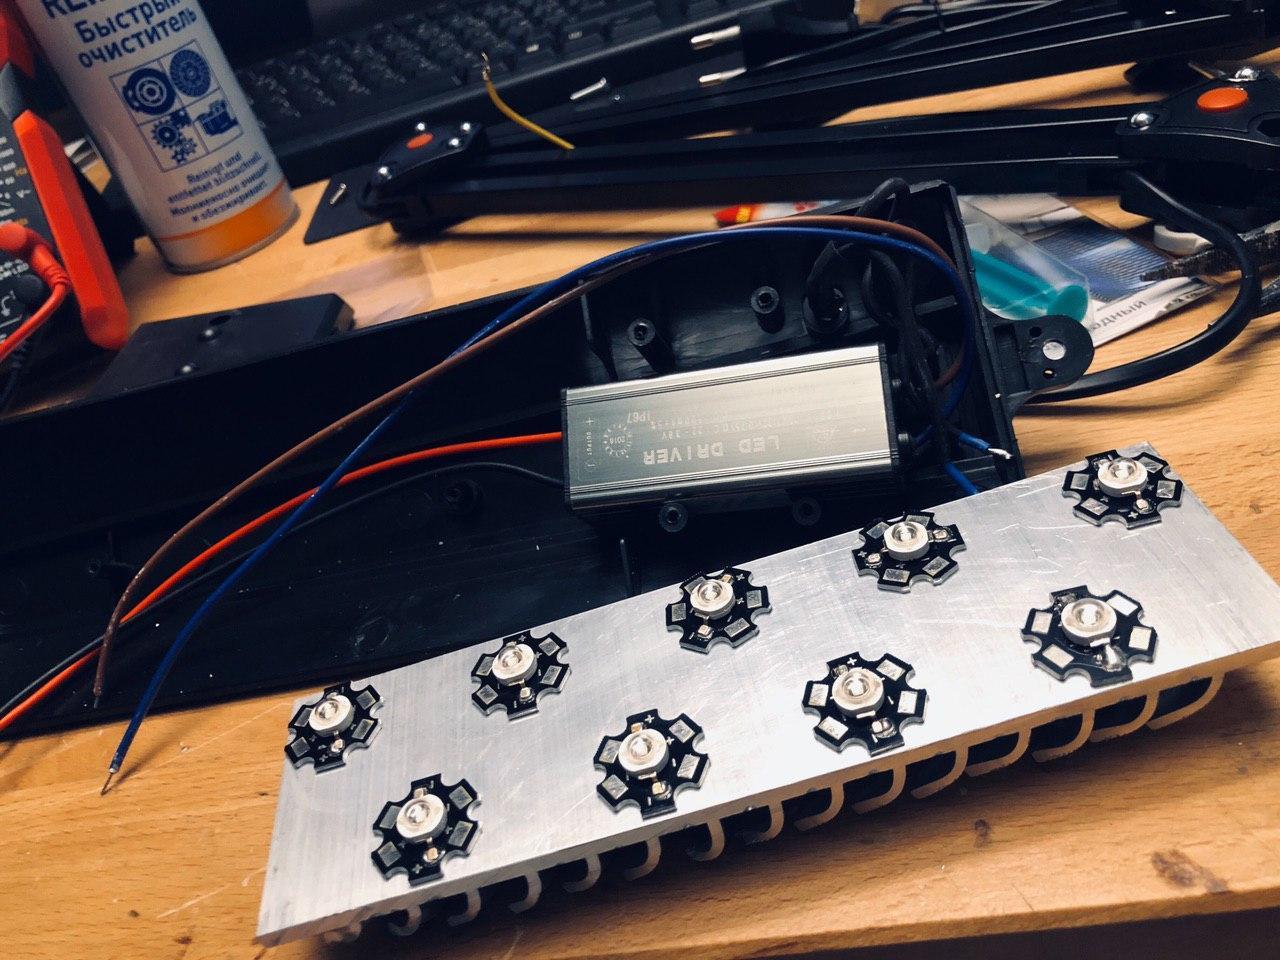 Экспресс UV лампа своими руками 400-405 нм для полимеризации 3D фотополимерных моделей - 8